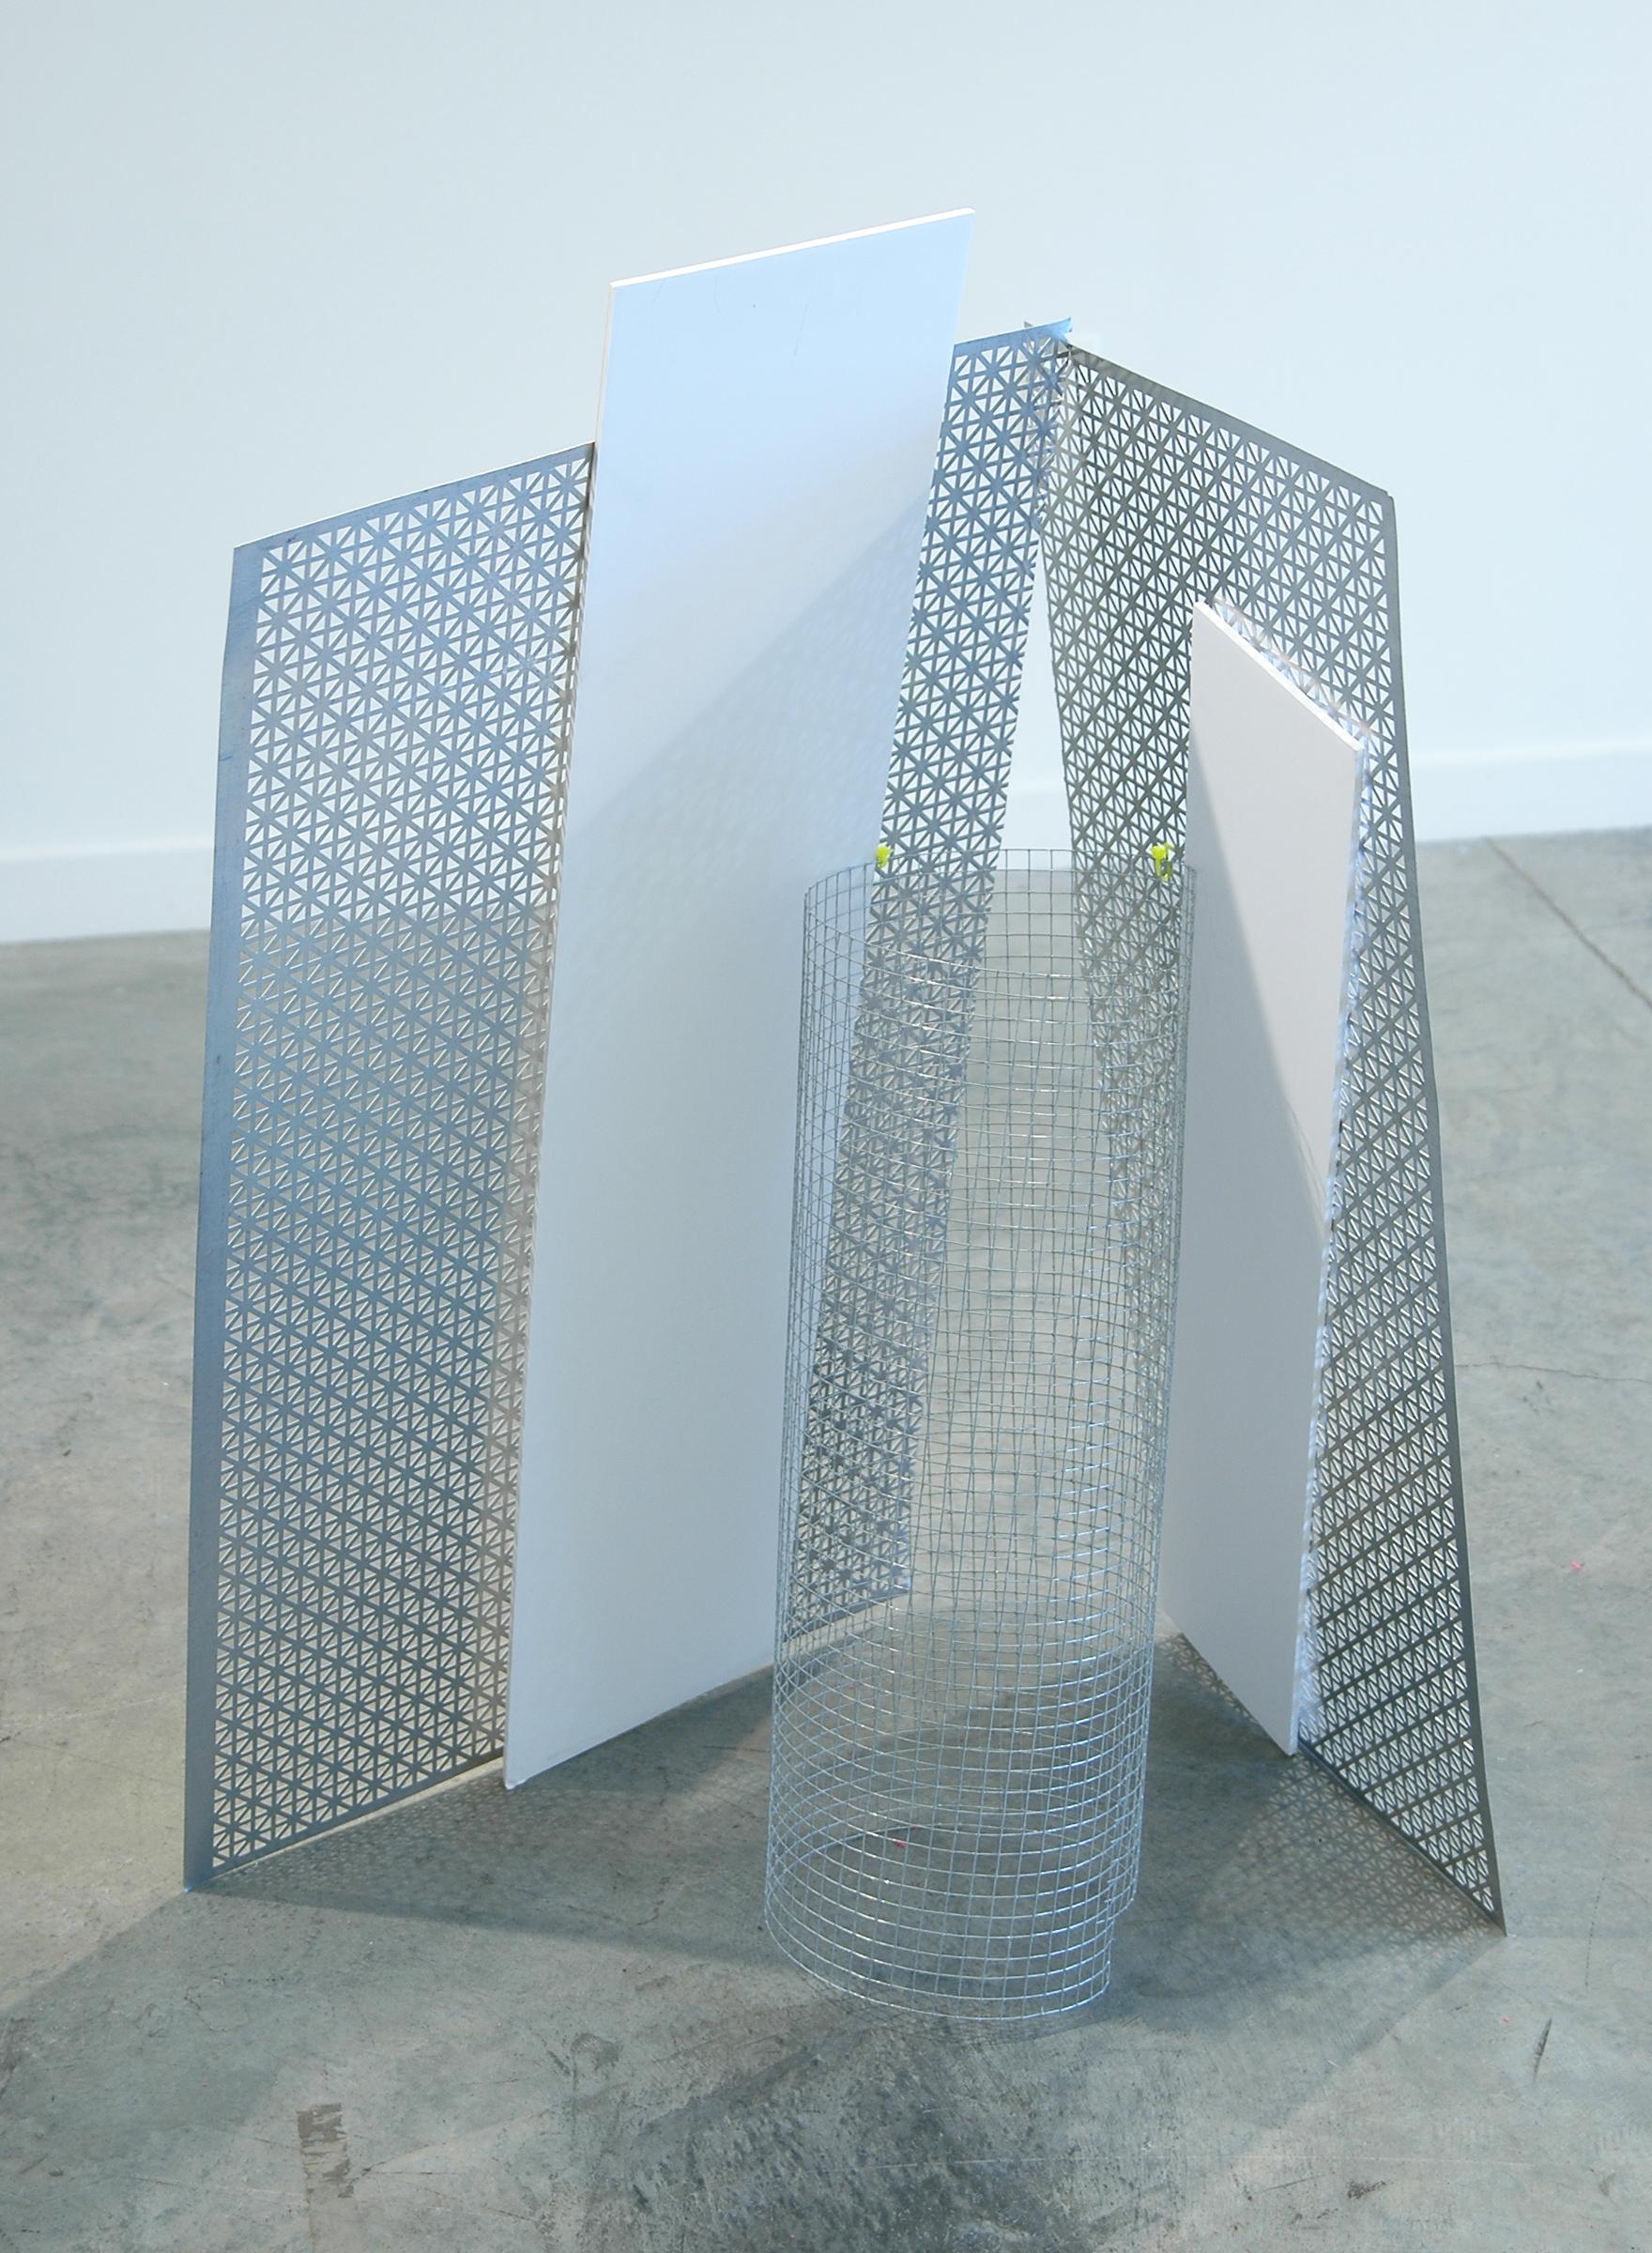 """ALICE CATTANEO   Forma cercata per non cercarla, 2013, foam board, iron netting, cable ties, perforated aluminium, 39"""" x 22"""" x 16"""""""